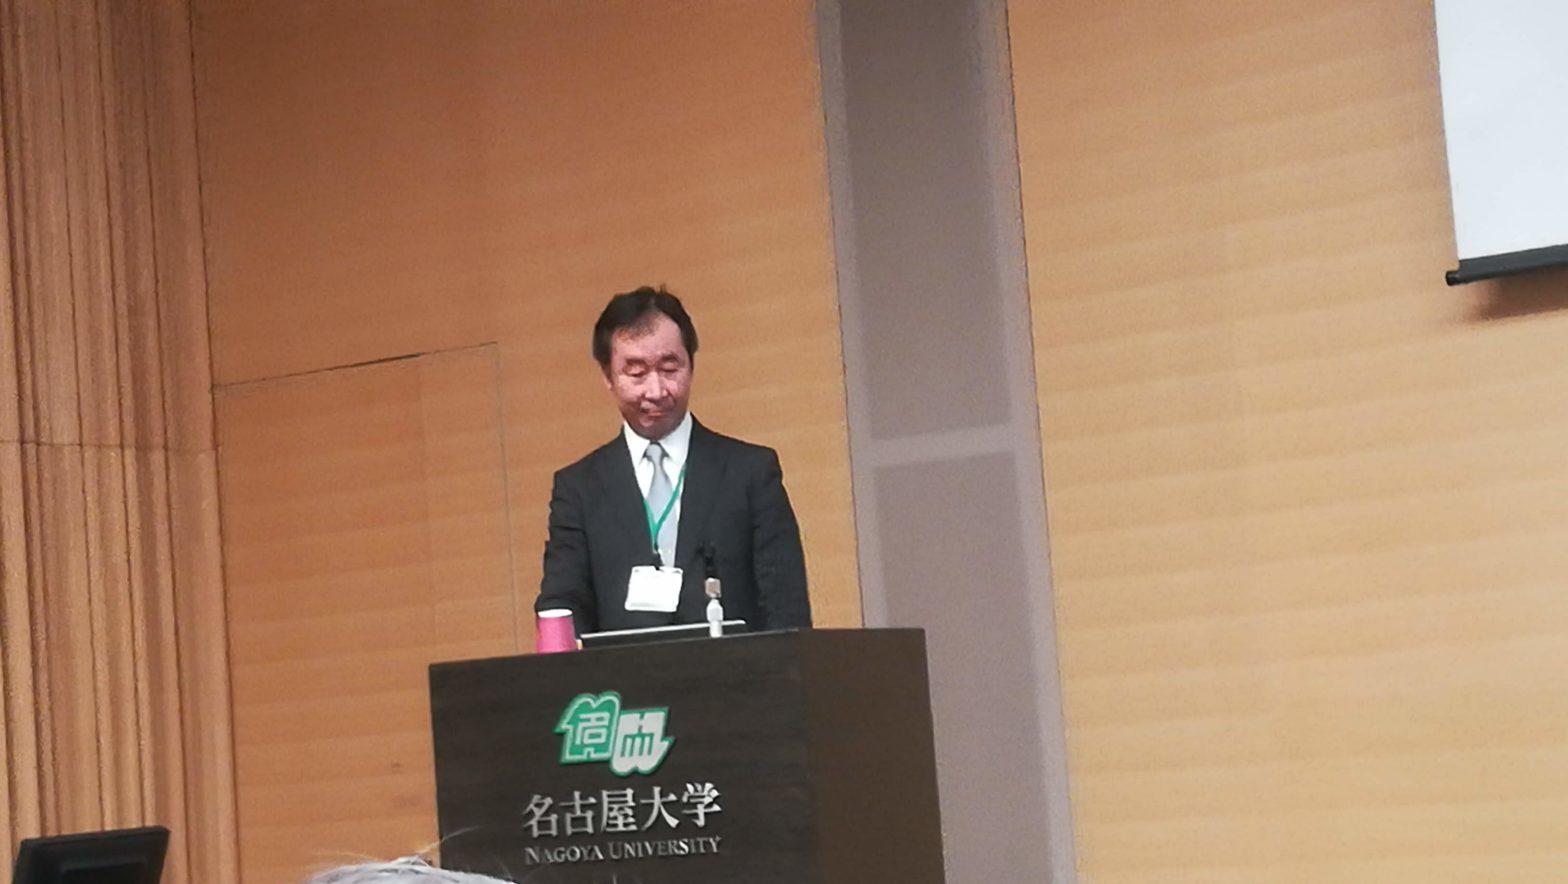 梶田隆章博士 ノーベル物理学賞受賞者 東京大学宇宙線研究所所長